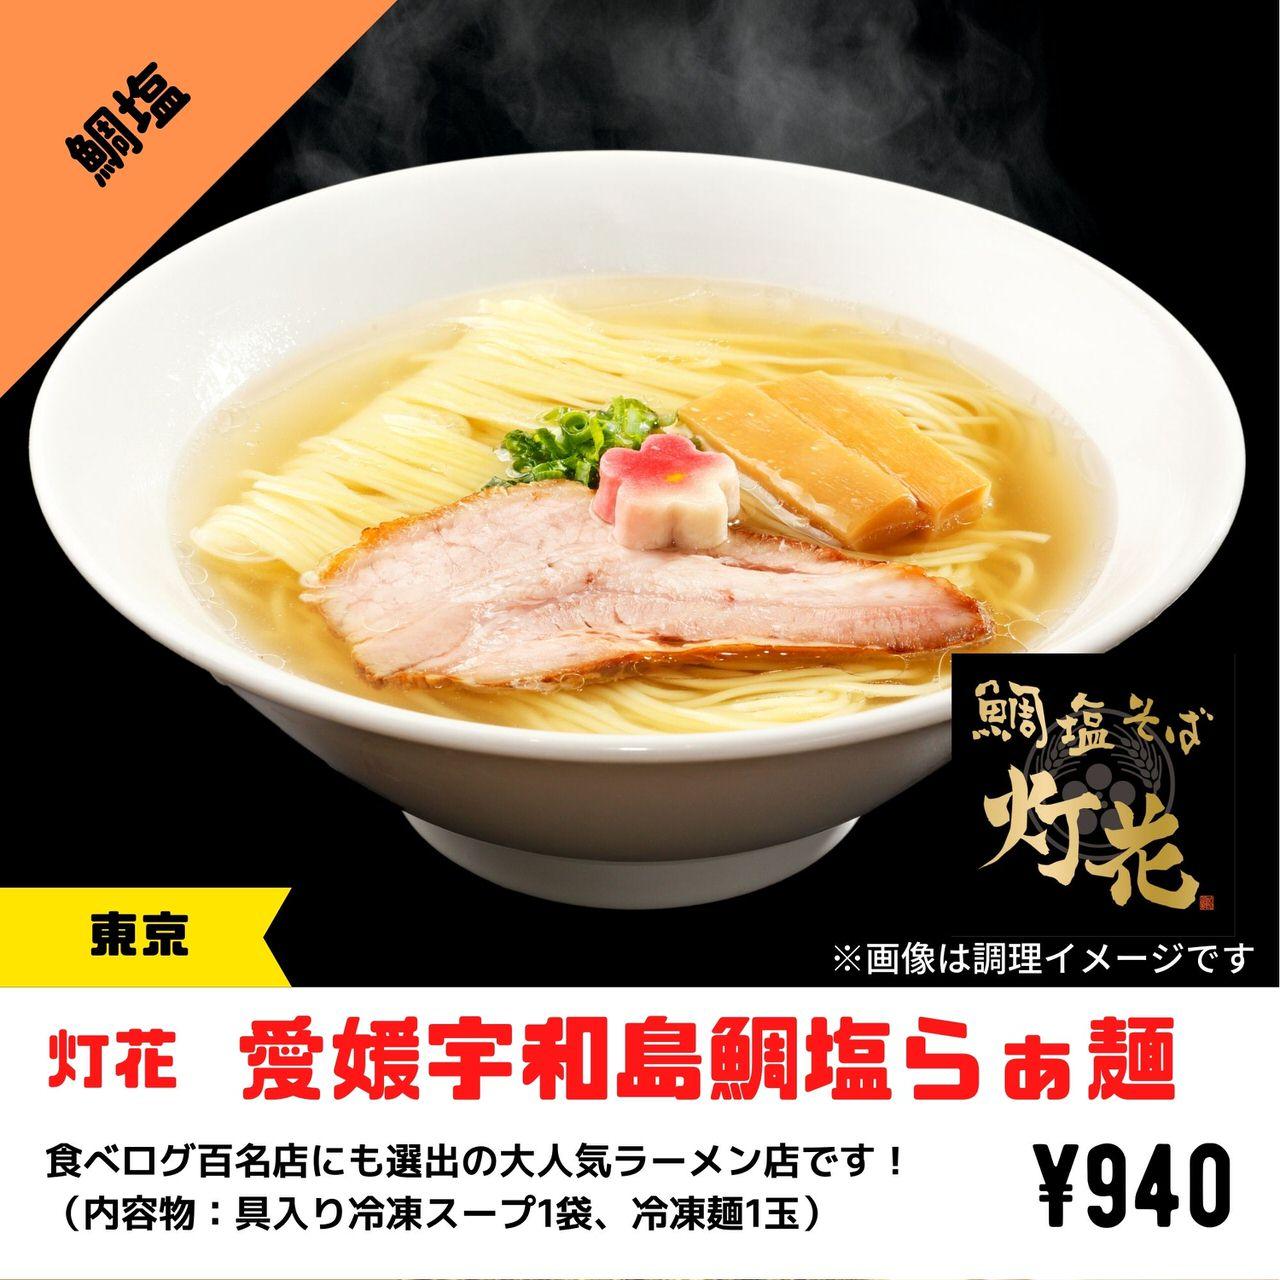 Noodle tours 2021032403